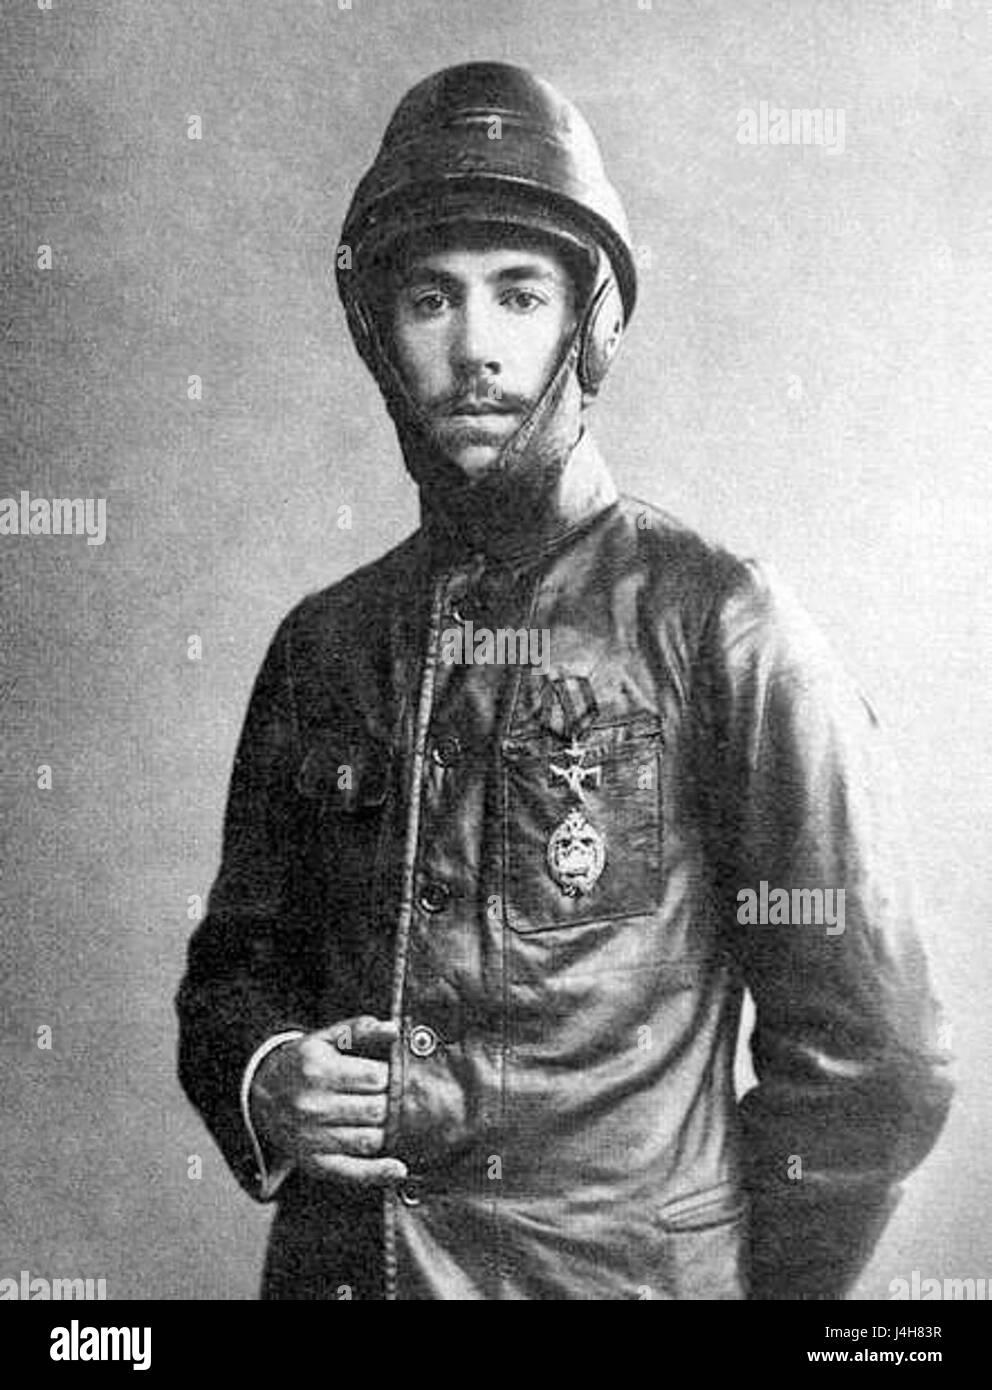 Sikorsky I.I. 1914. Karl Bulla - Stock Image